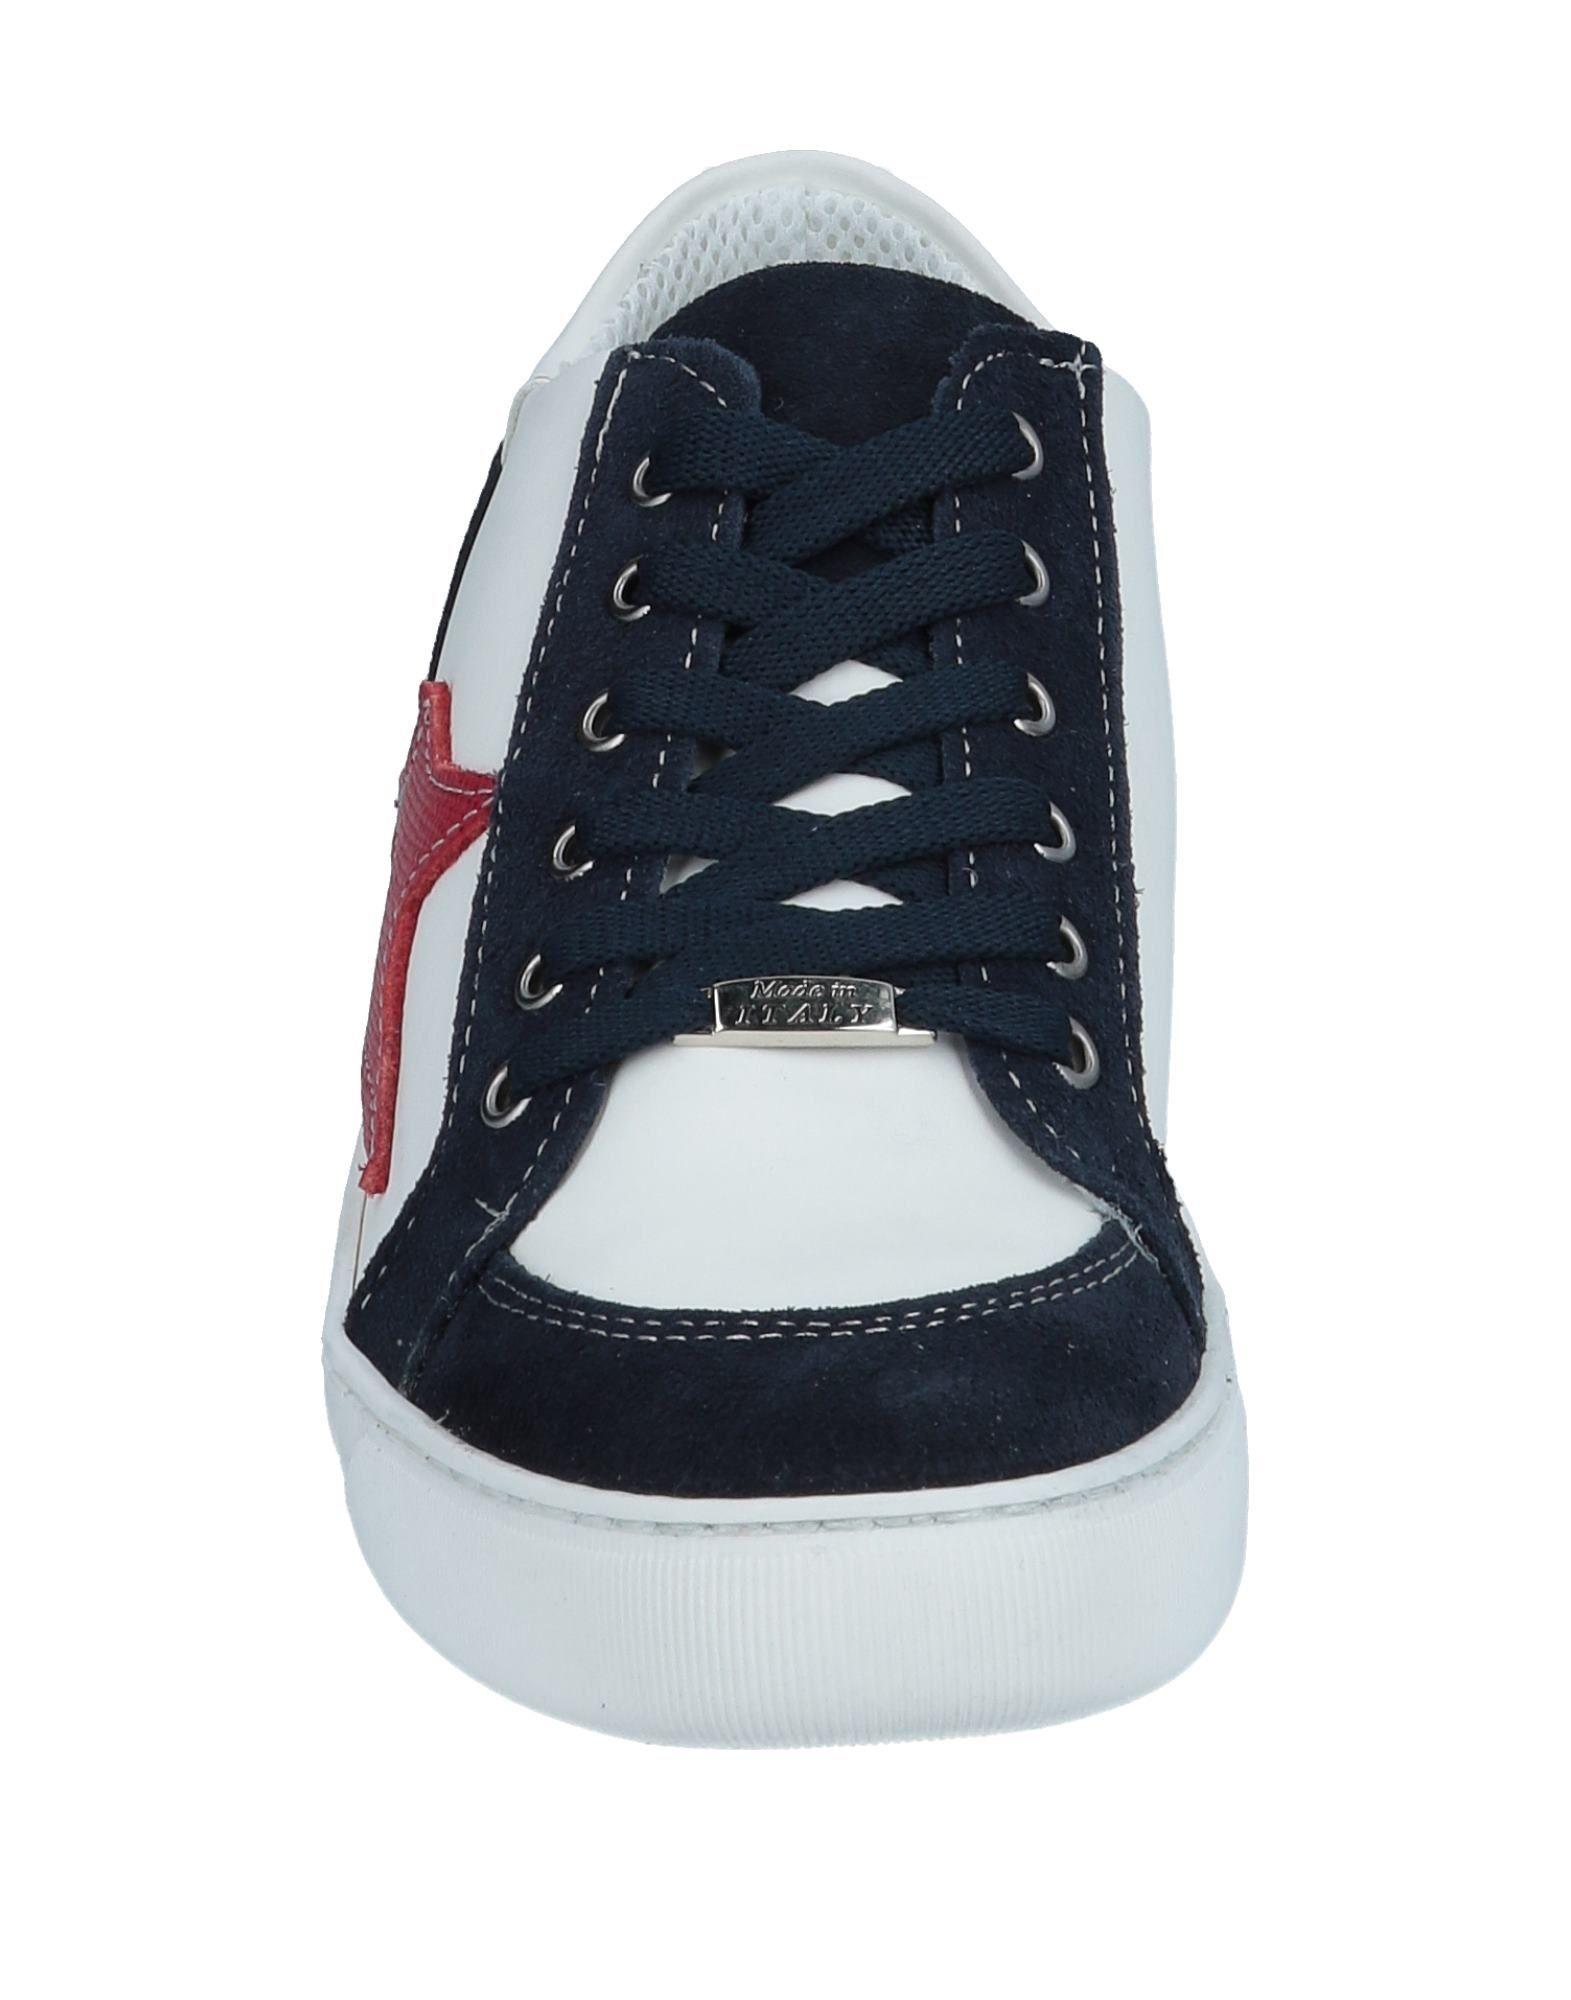 Tsd12 Gute Sneakers Herren  11567466UA Gute Tsd12 Qualität beliebte Schuhe a03afd